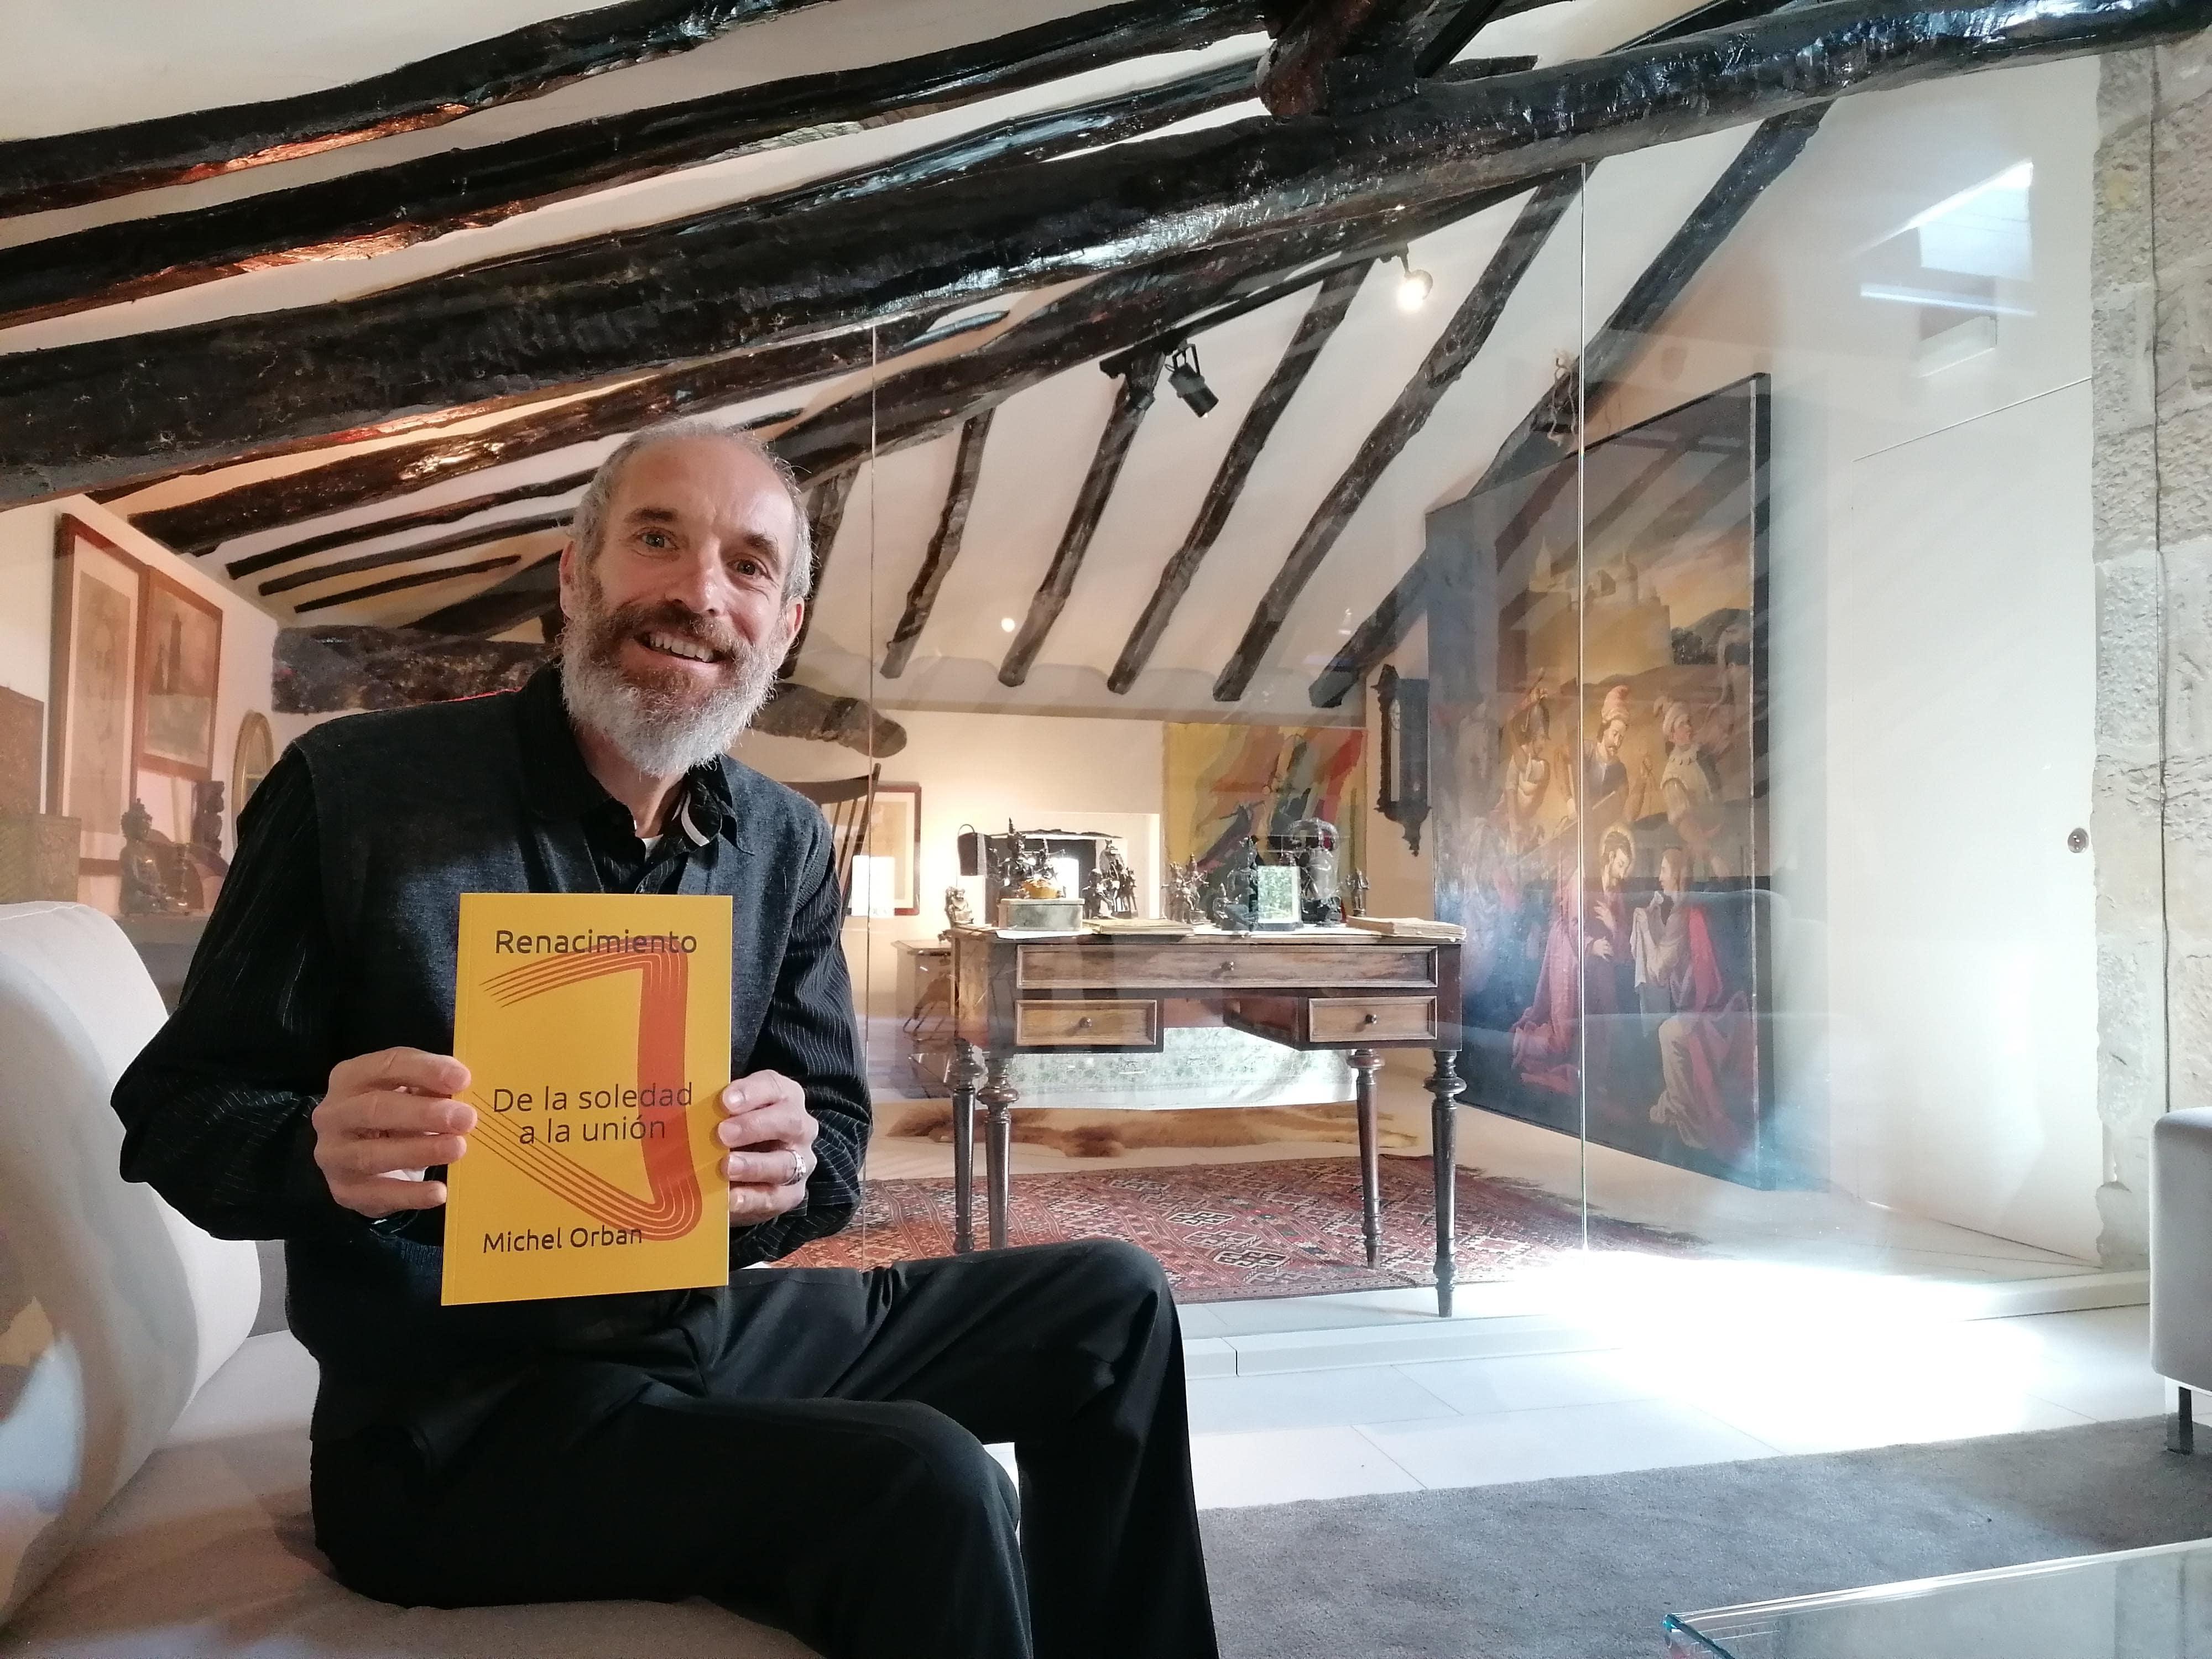 Presentación Del Libro Renacimiento, De Michel Orban